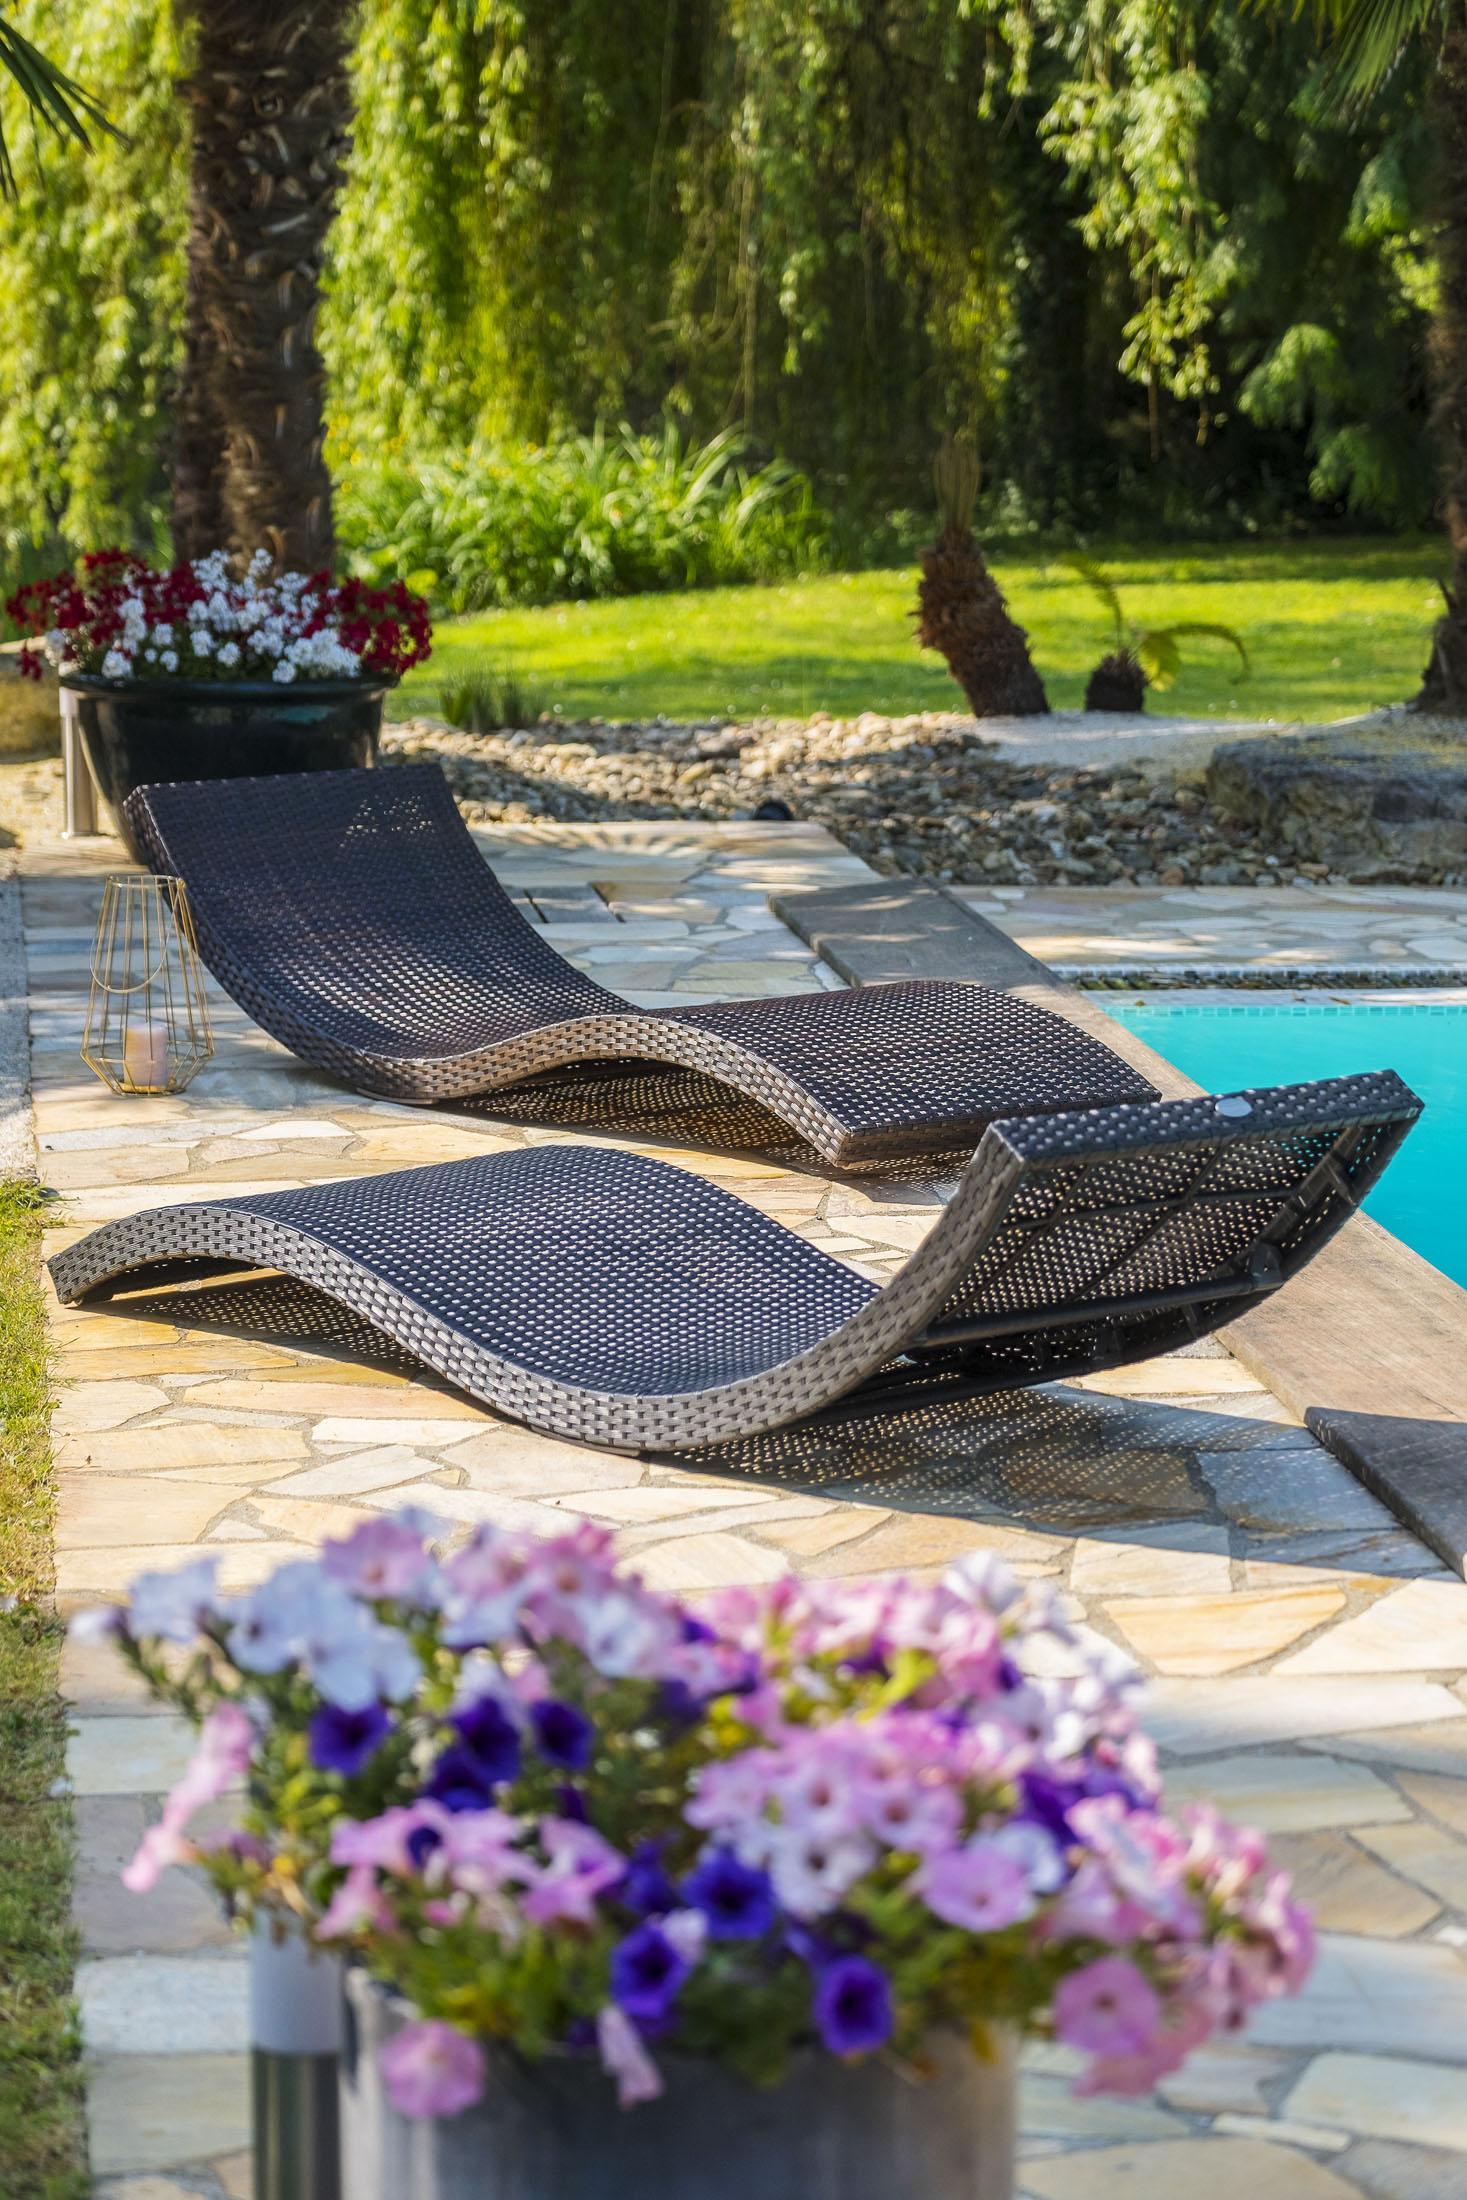 Ambiance photo extérieur de de bains de soleil au bord de la piscine